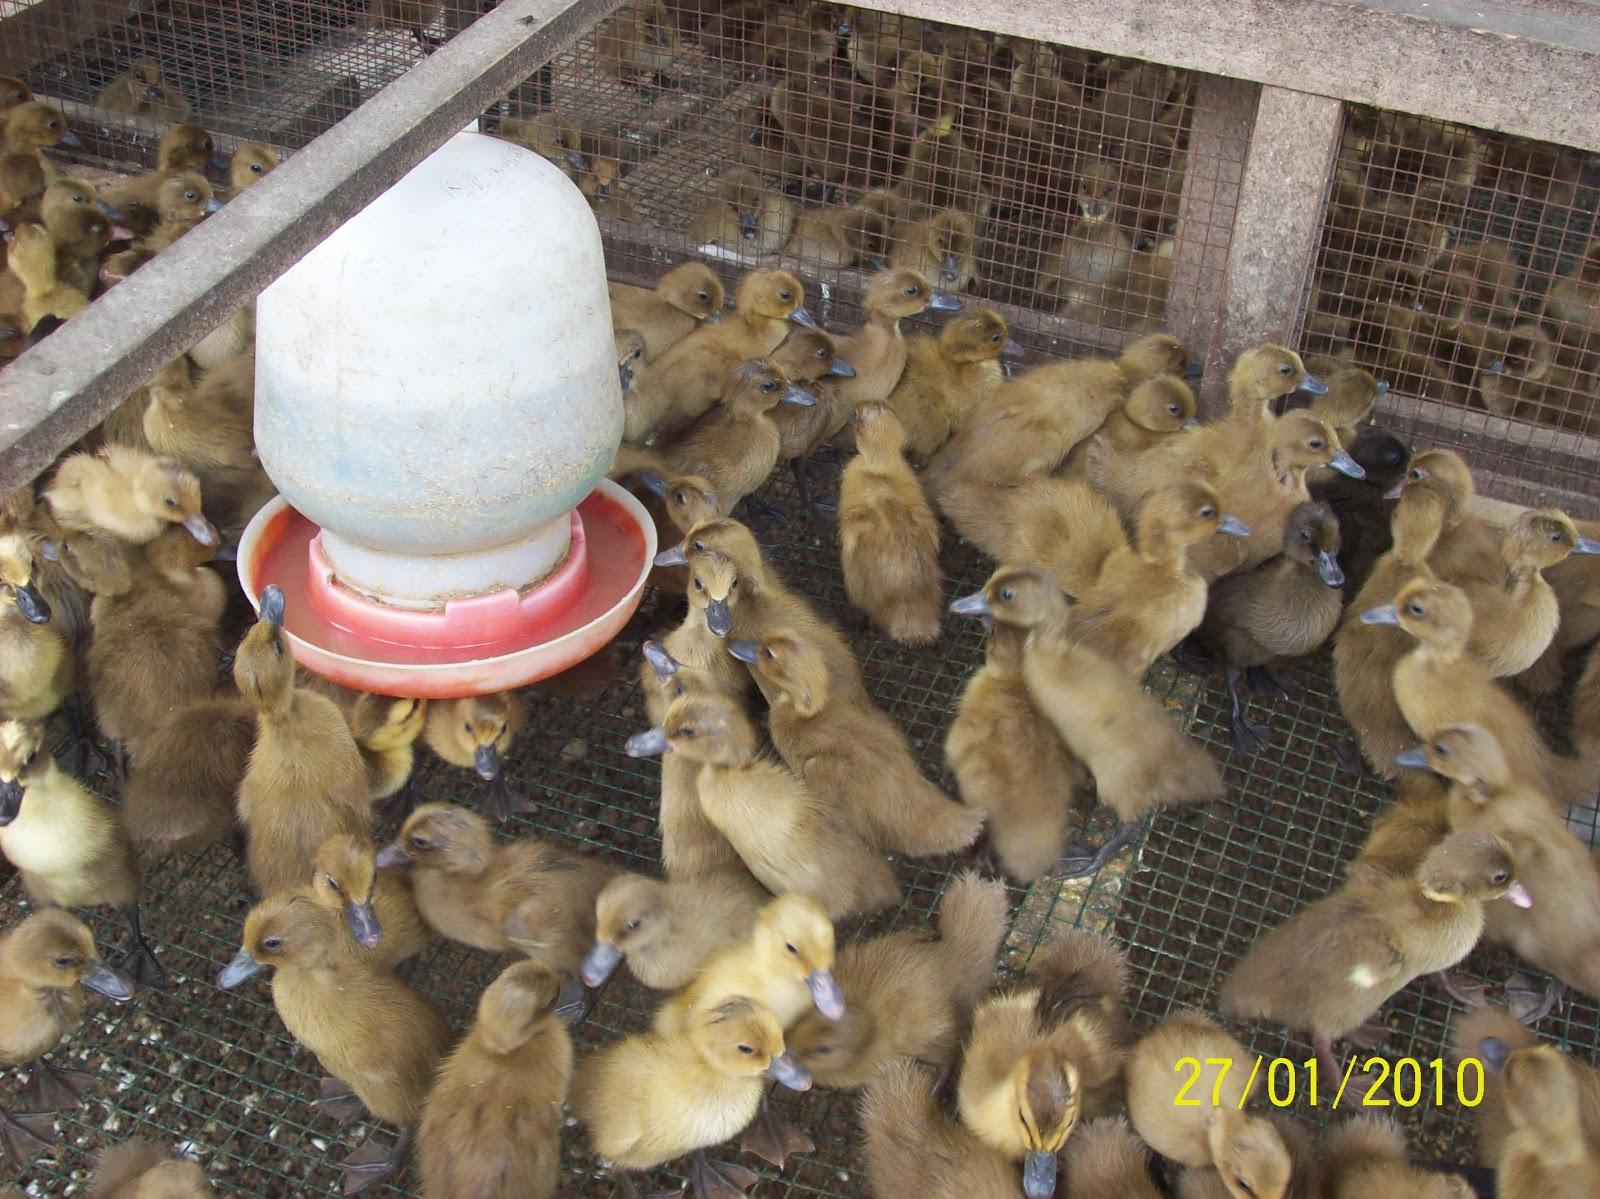 Peternakan Dody, Jual bebek petelur, DOD itik, dan bebek ...